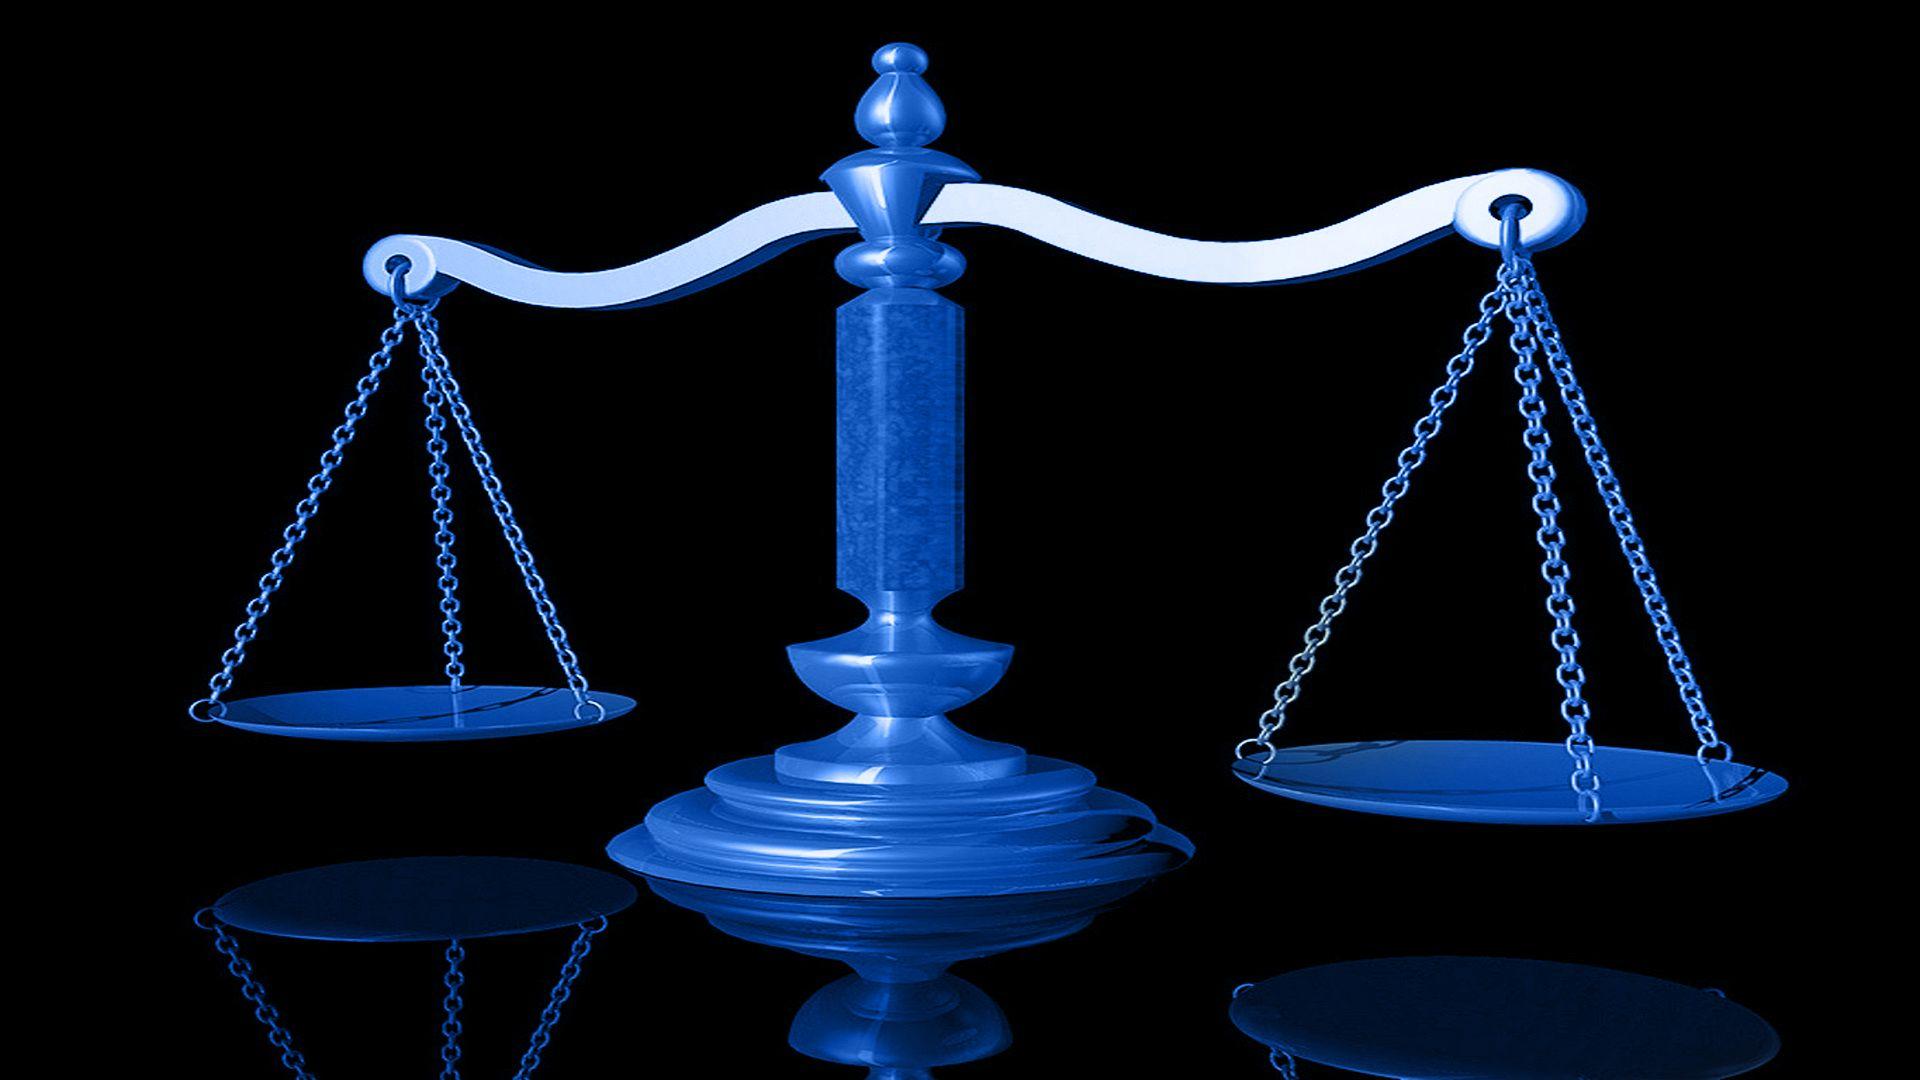 Immagine di una bilancia, rappresentante il servizio delle indagini difensive offerte dall'azienda Verità Legale.